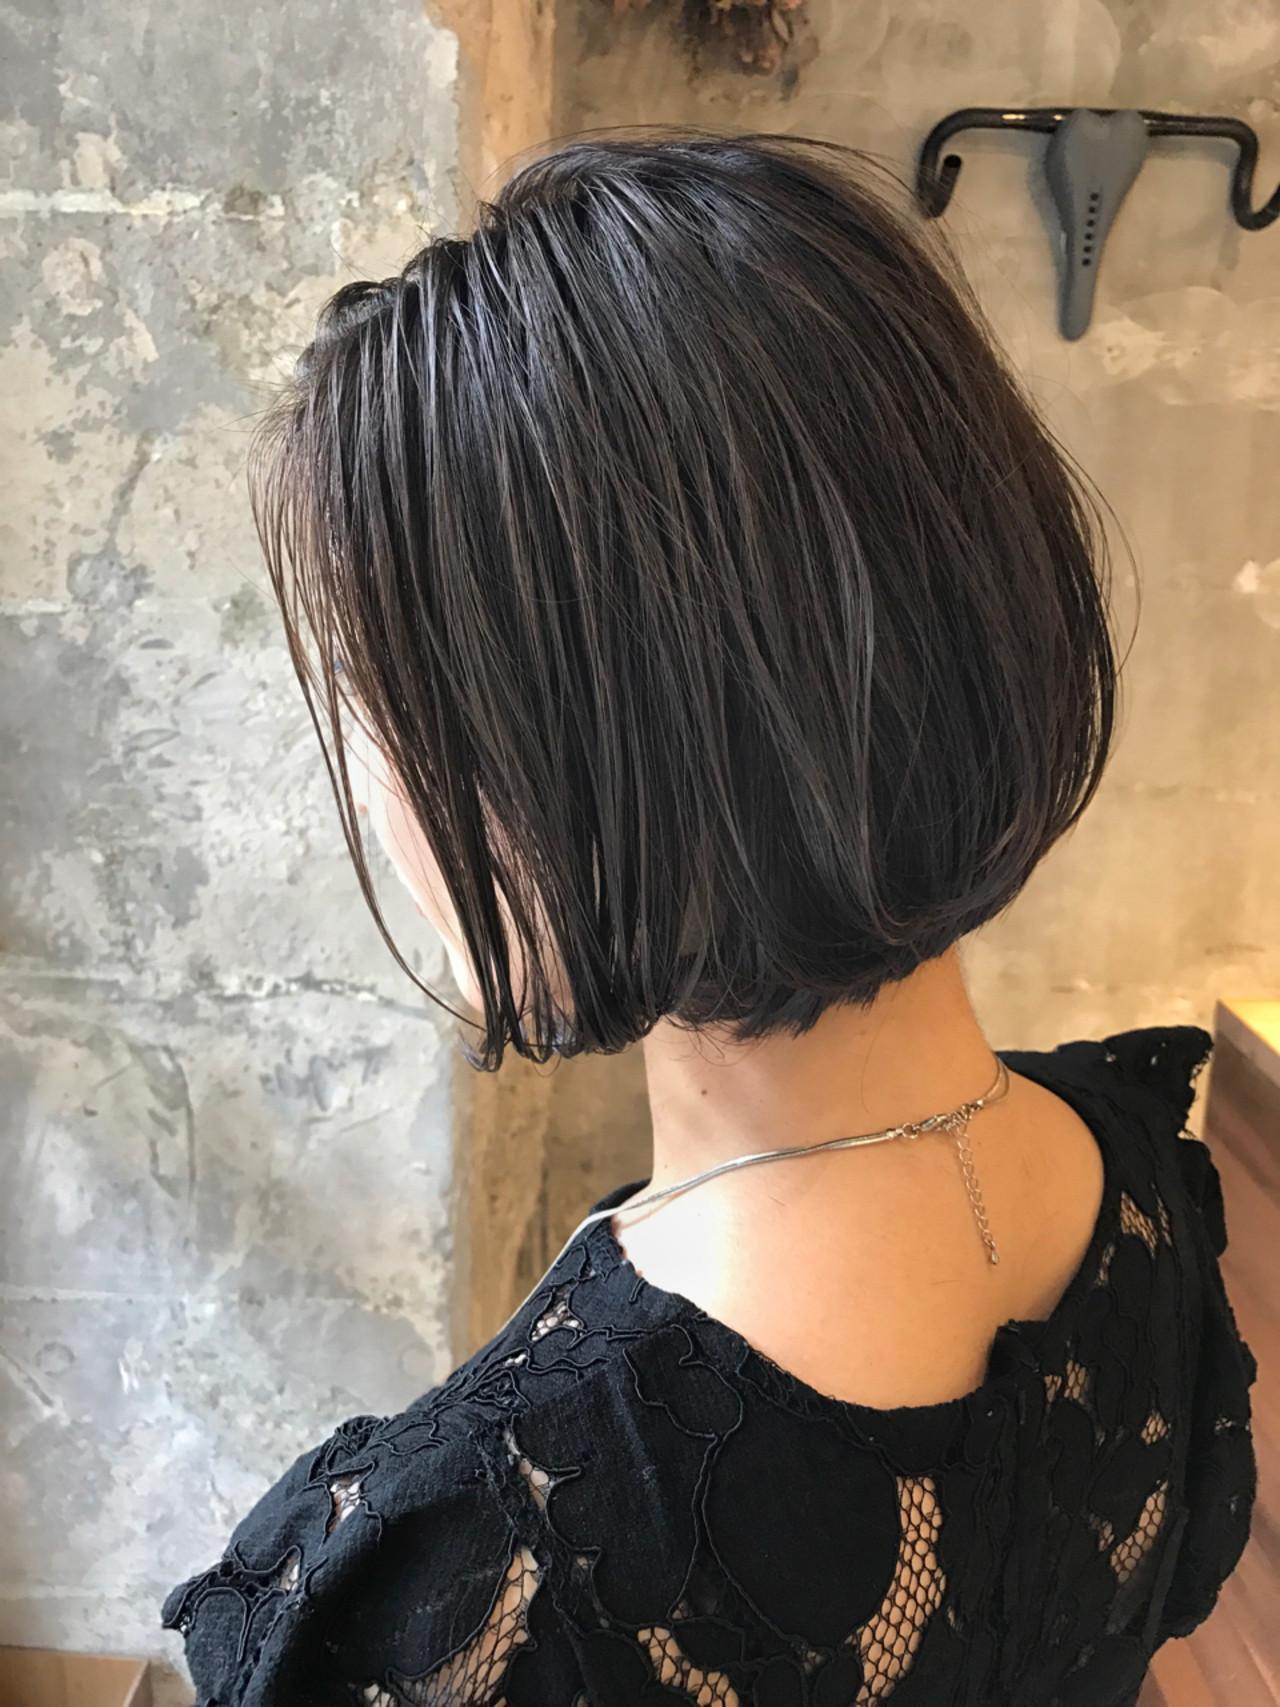 オフィス ナチュラル ボブ 梅雨 ヘアスタイルや髪型の写真・画像 | PEDAL / PEDAL